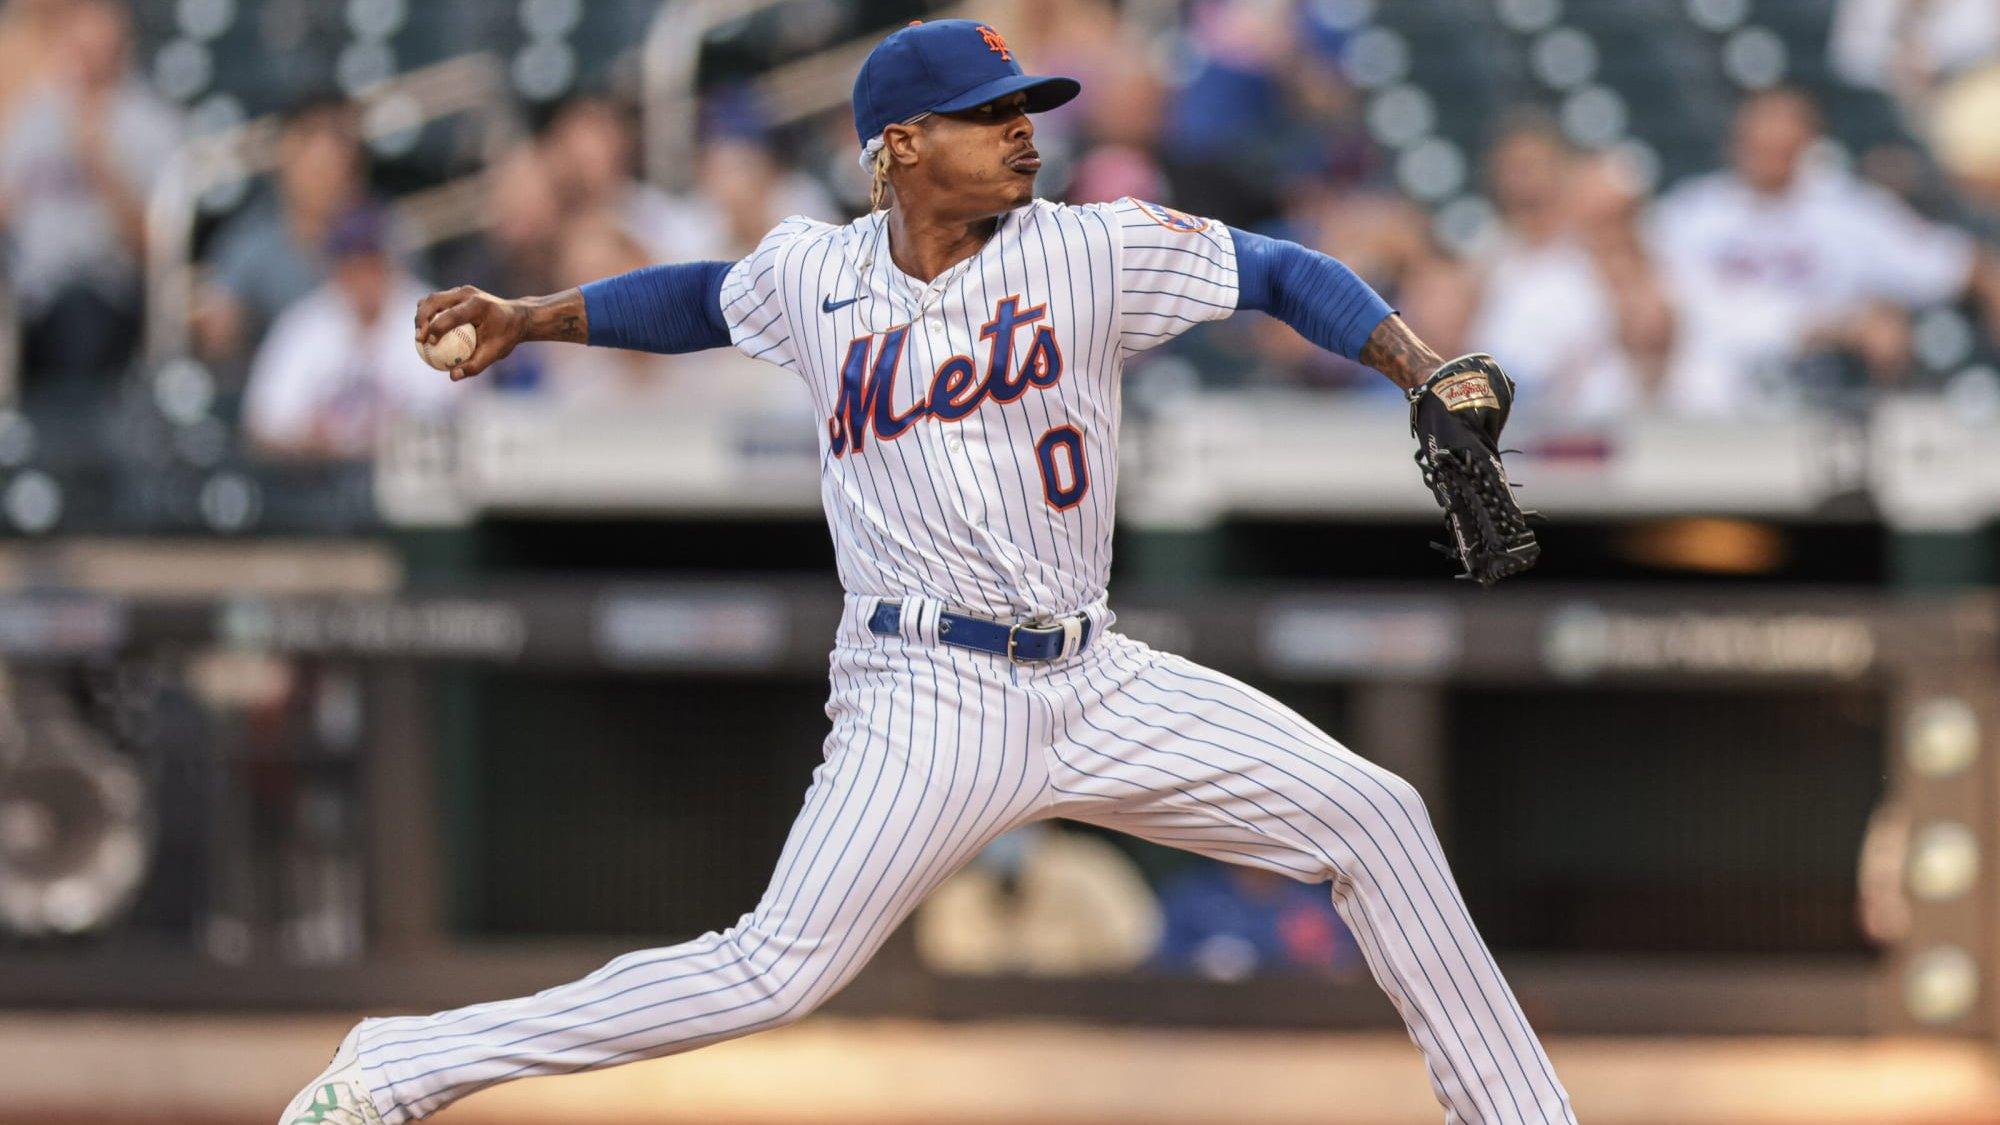 Philadelphia Phillies vs New York Mets Preview (June 27): Stroman, Mets look to seal series win over Wheeler, Phillies